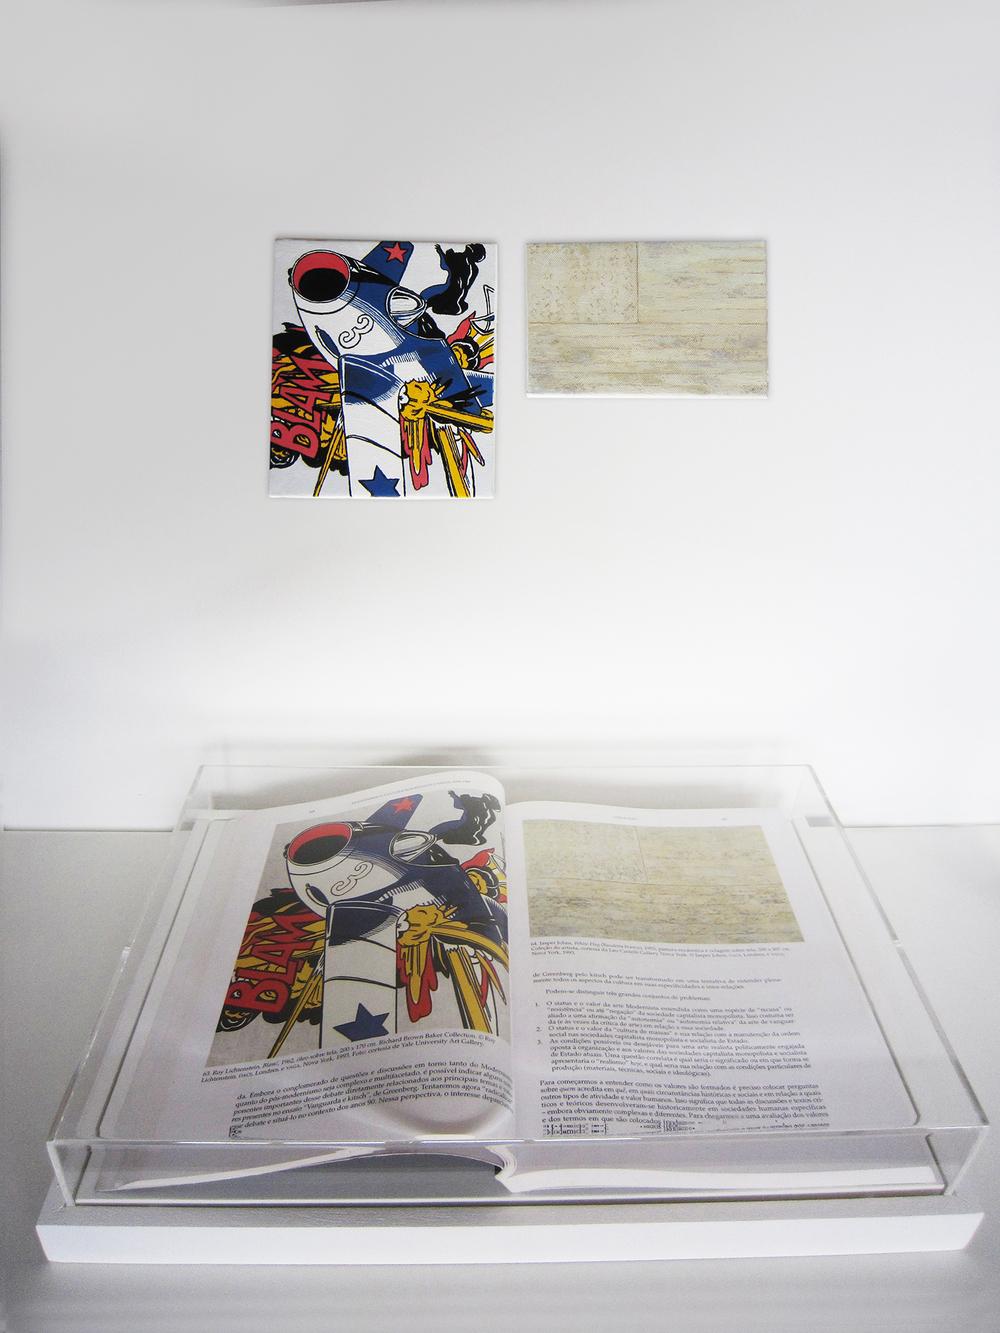 Páginas 68 e 69 (Série Foi Assim Que Me Ensinaram) •2012 •Livro emoldurado, óleo sobre tela •28,6 x 41,7 cm (livro), 18,5 x 15,7 cm, 10 x 16 cm